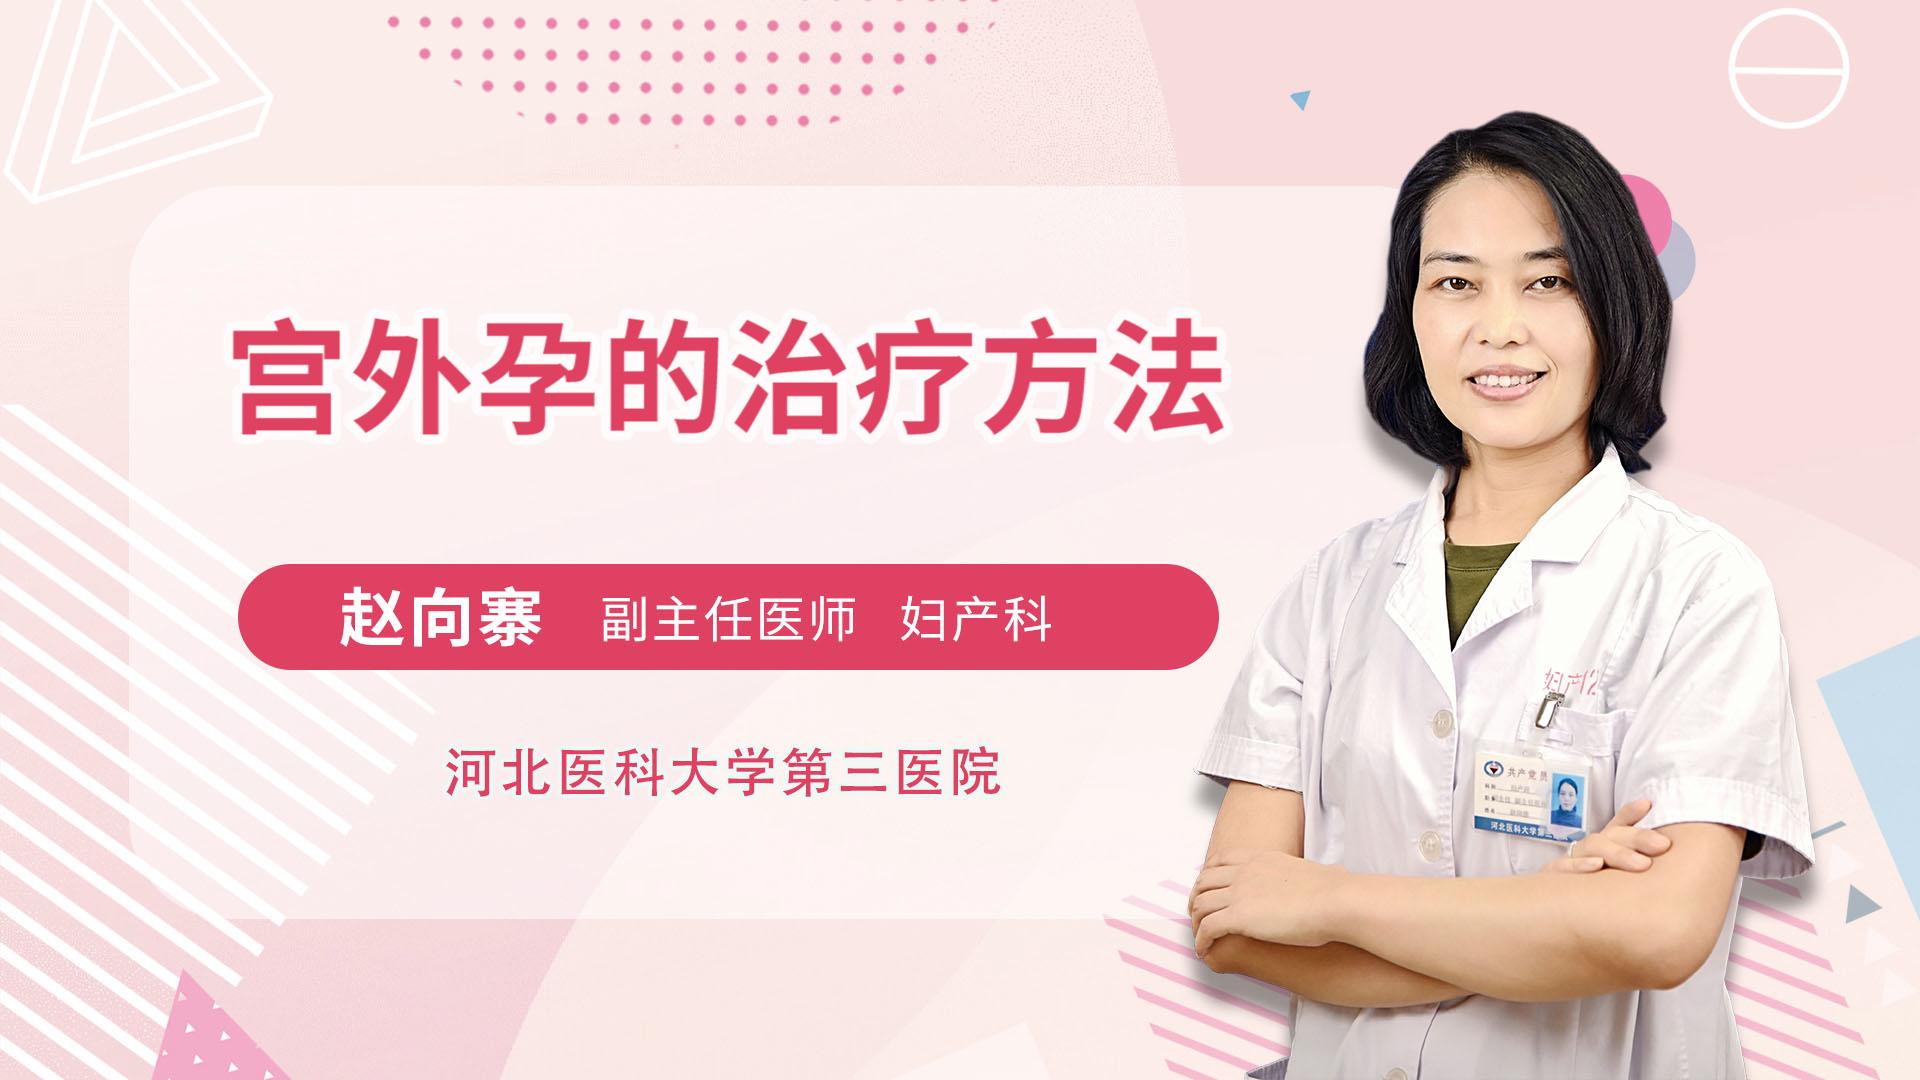 宫外孕的治疗方法